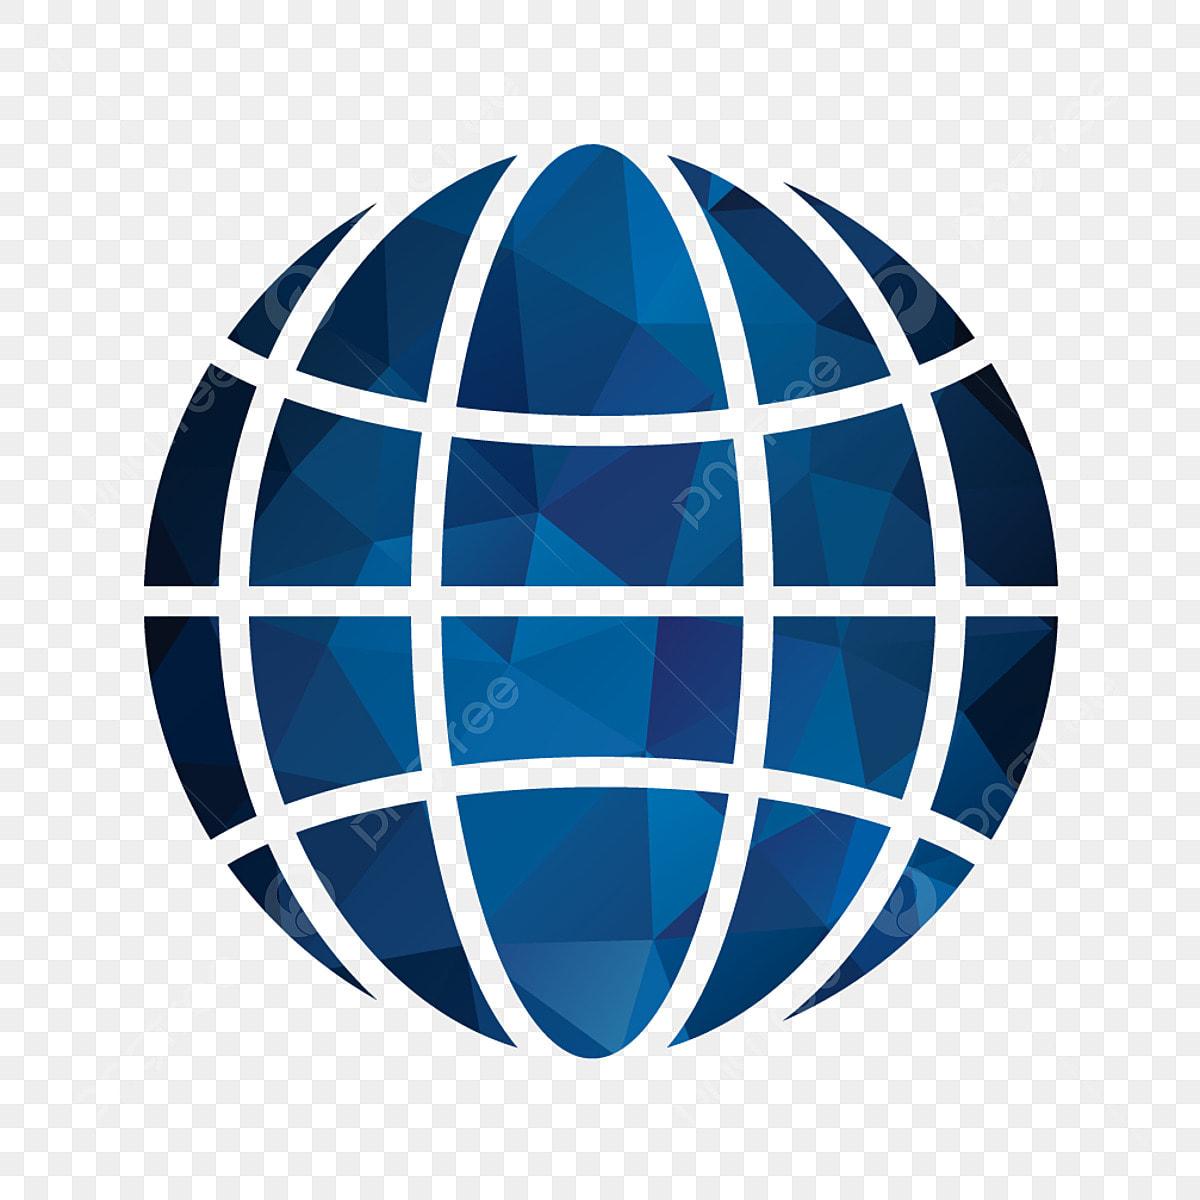 ناقلات أيقونة الكرة الأرضية تصميم الأرض رمز الارض Png والمتجهات للتحميل مجانا